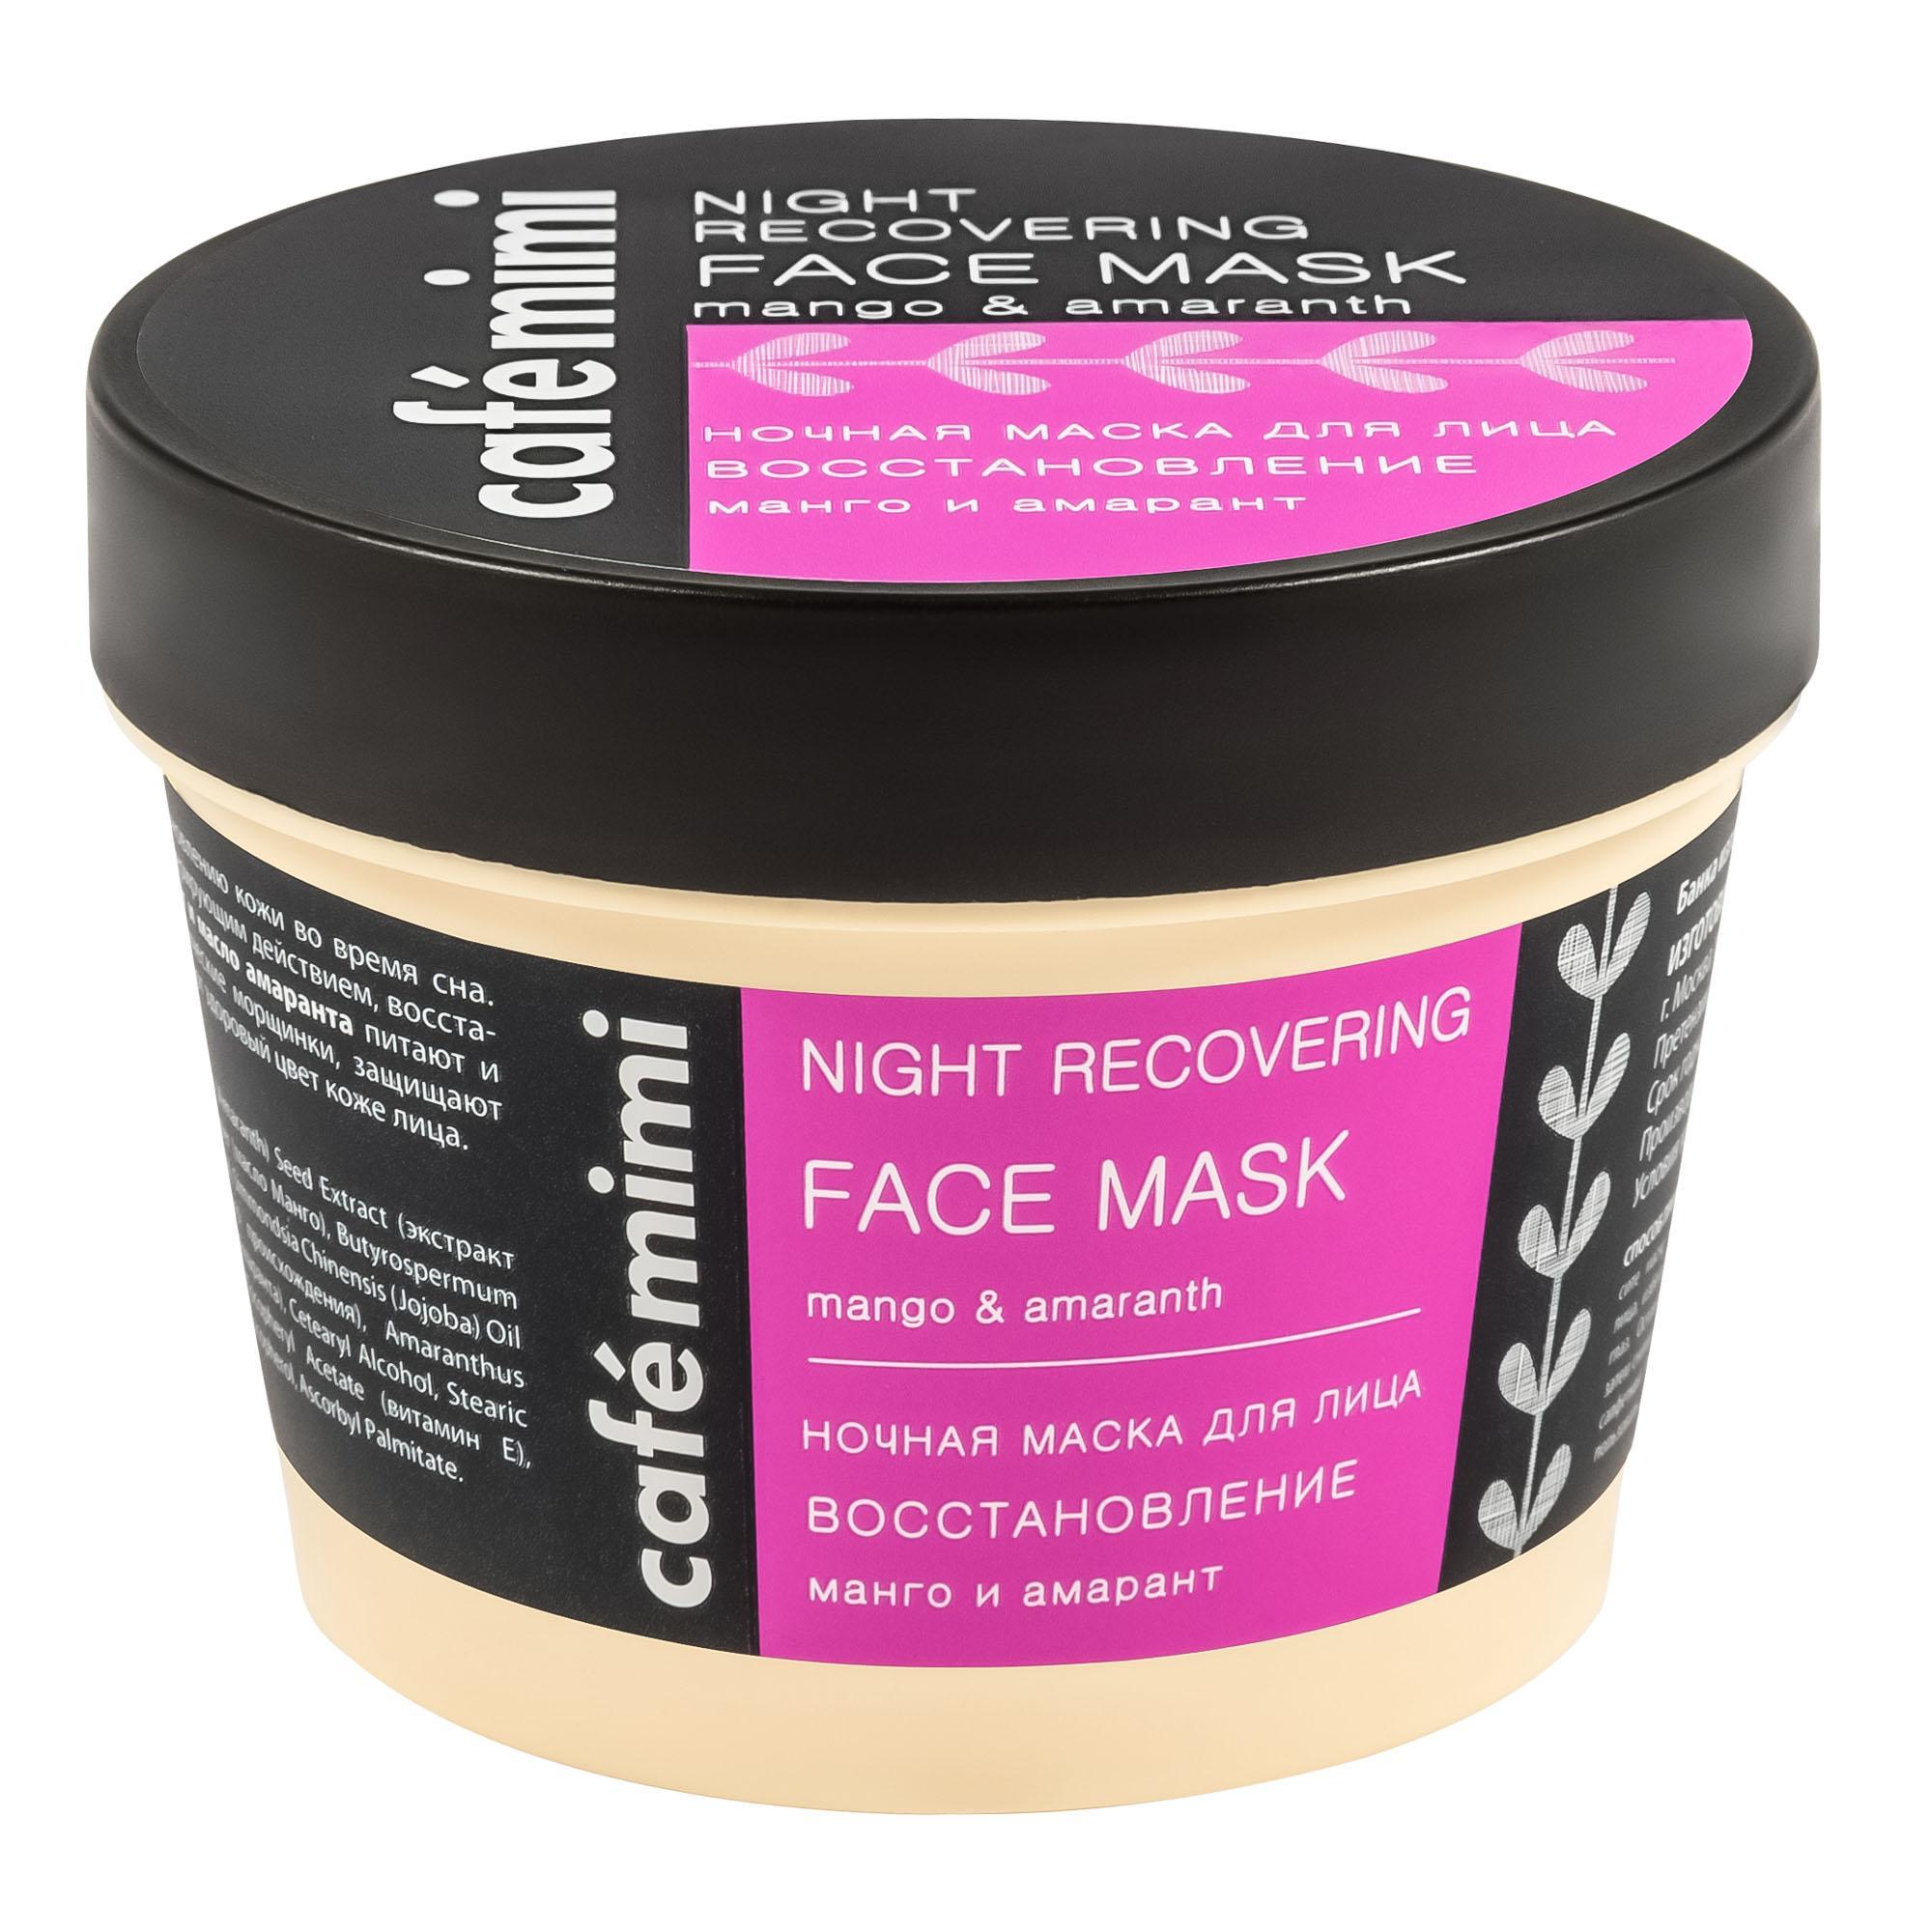 Café Mimi Mascarilla Facial Recuperacion Nocturna